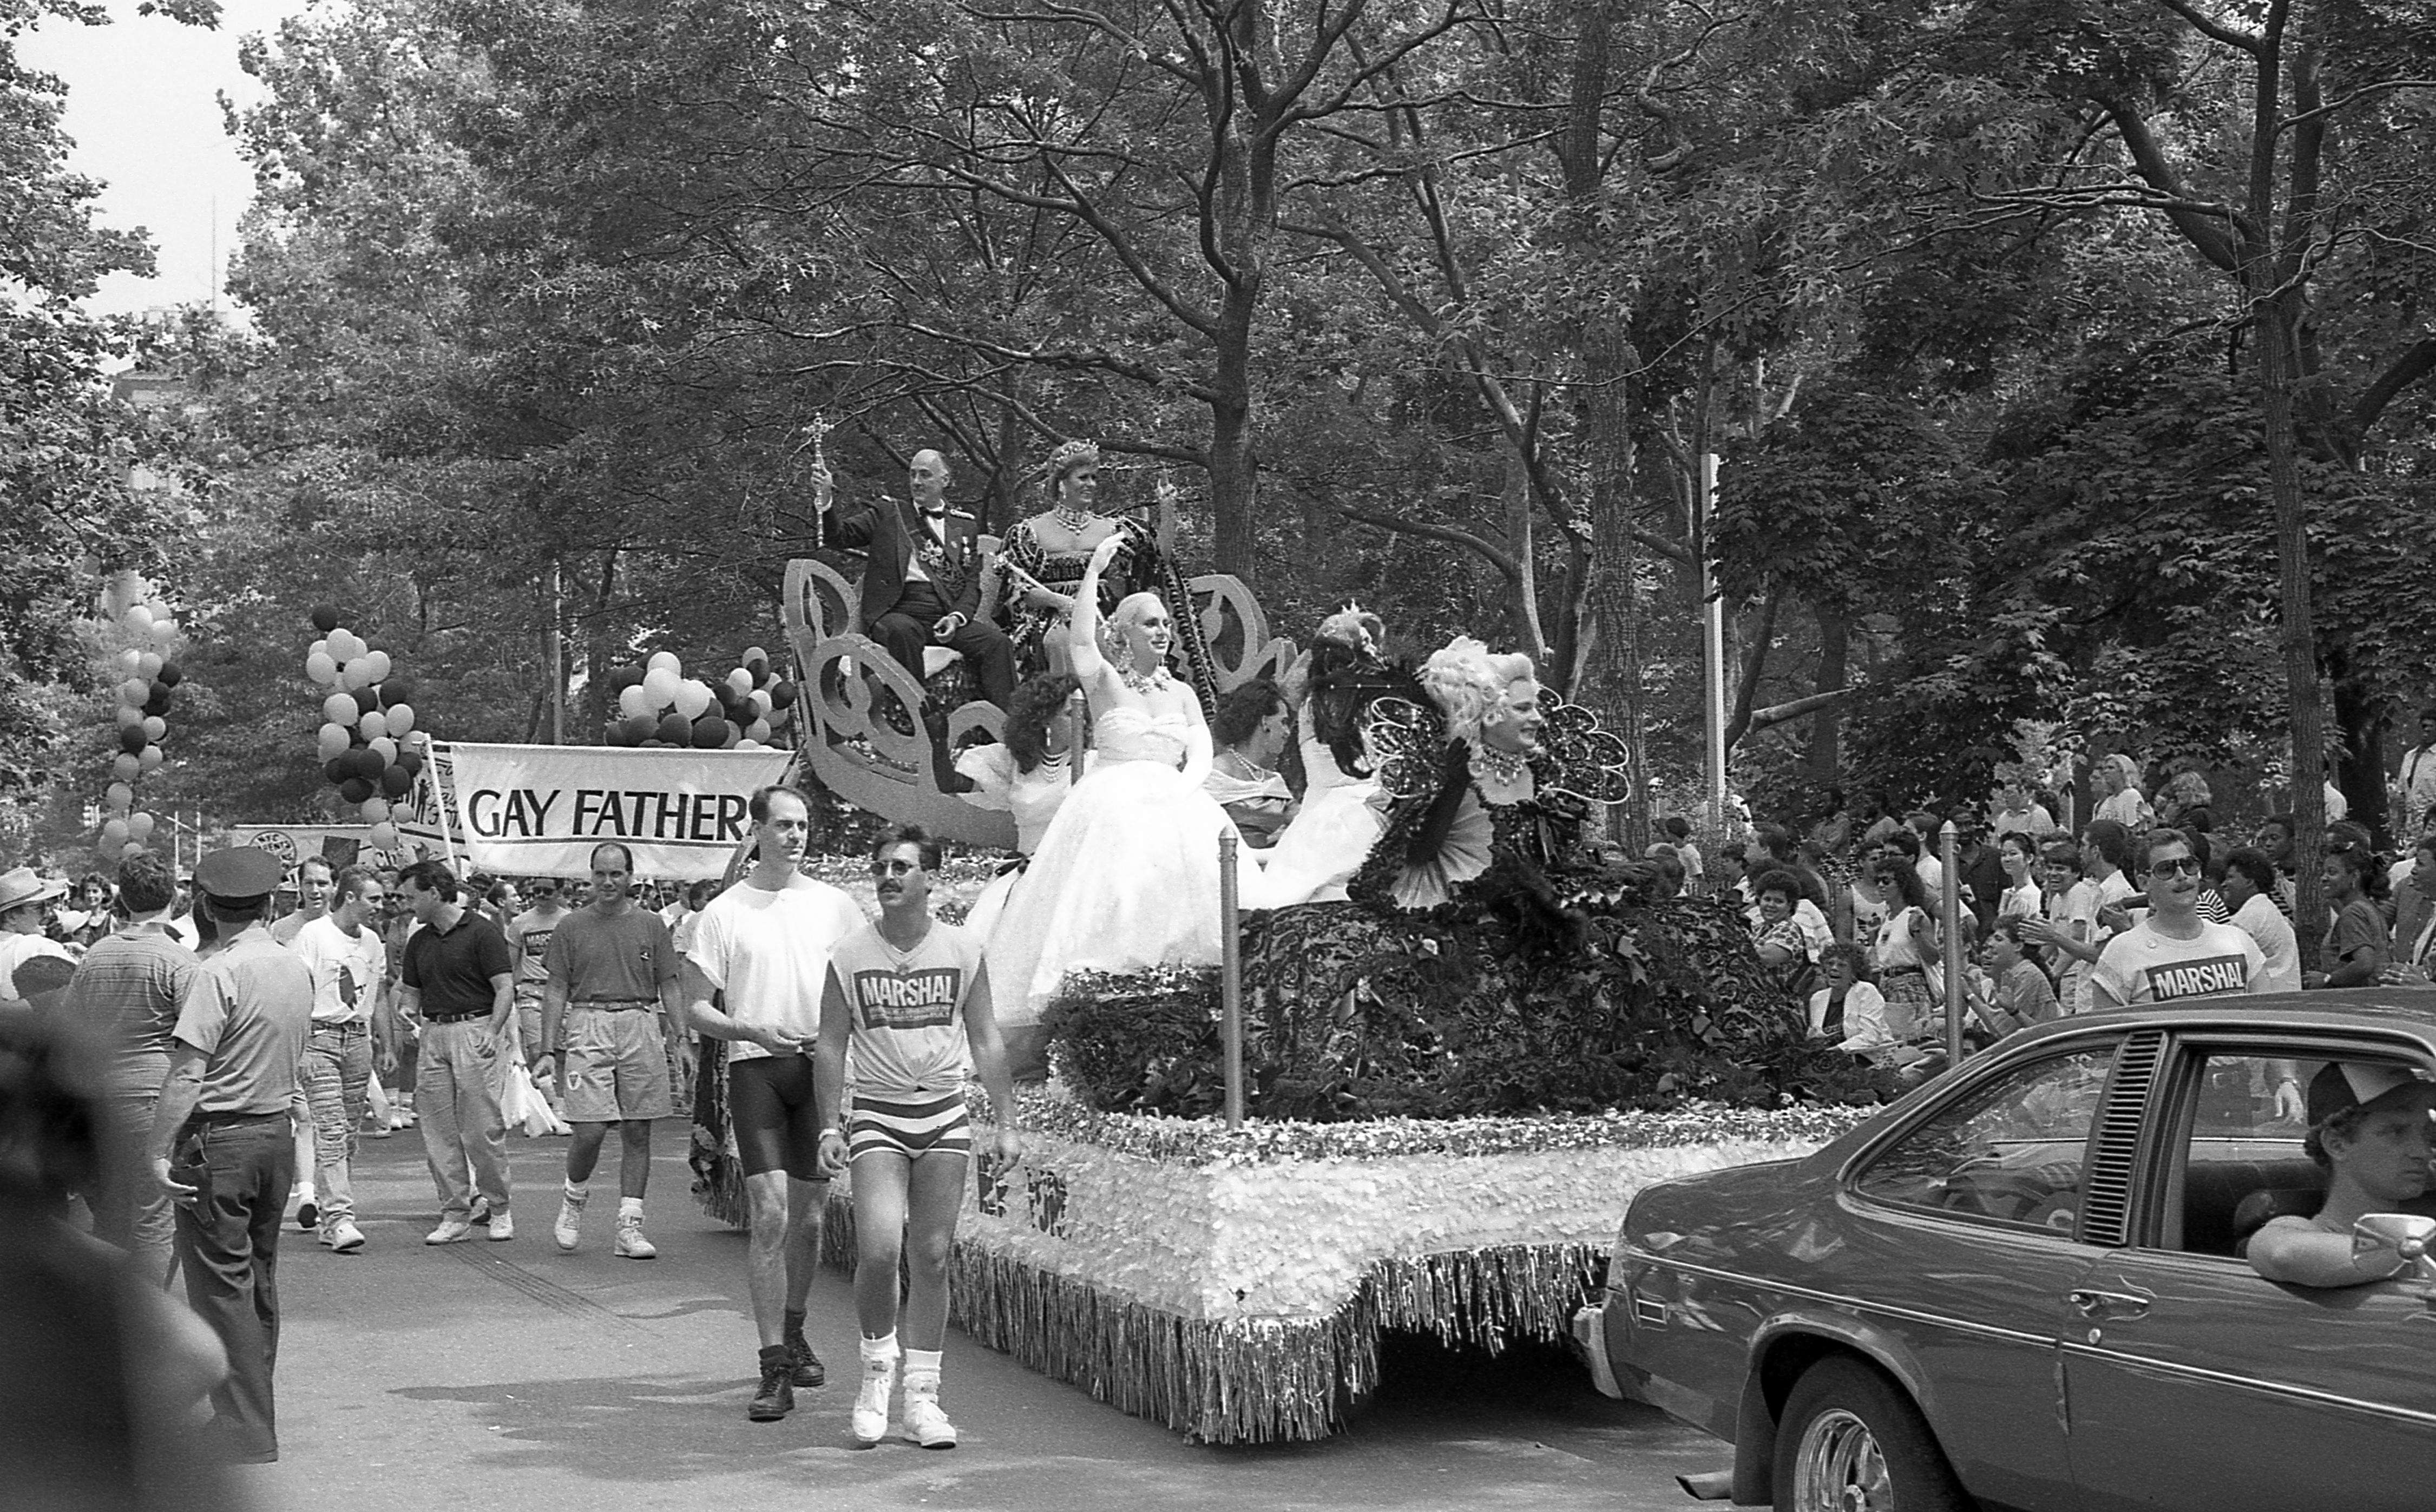 Desfile LGBT em Nova York, em 1989, em comemoração ao 20º aniversário do conflito de Stonewall.